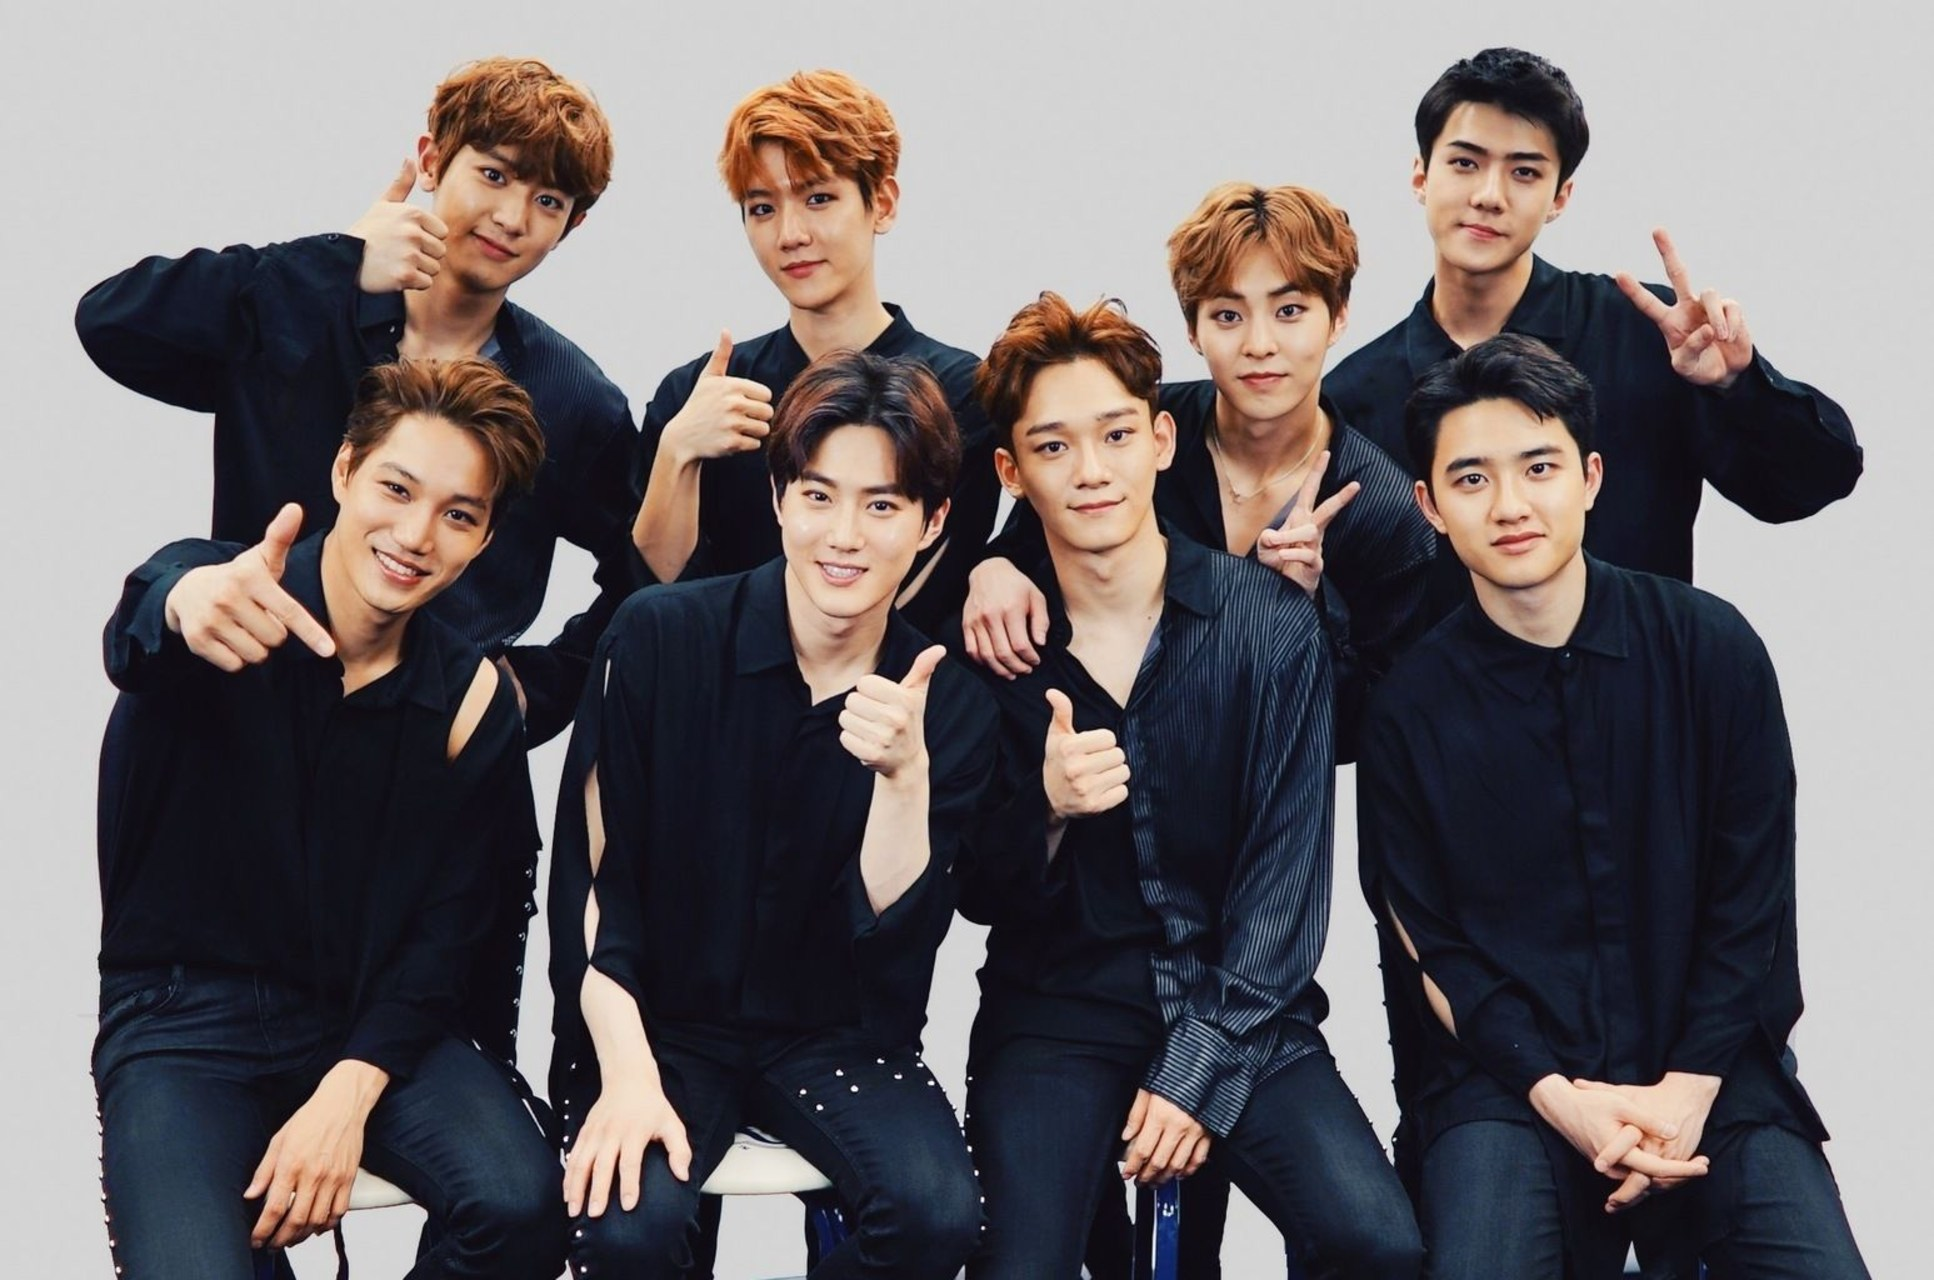 Inilah 10 Grup K-Pop Yang Paling Populer Di China 4